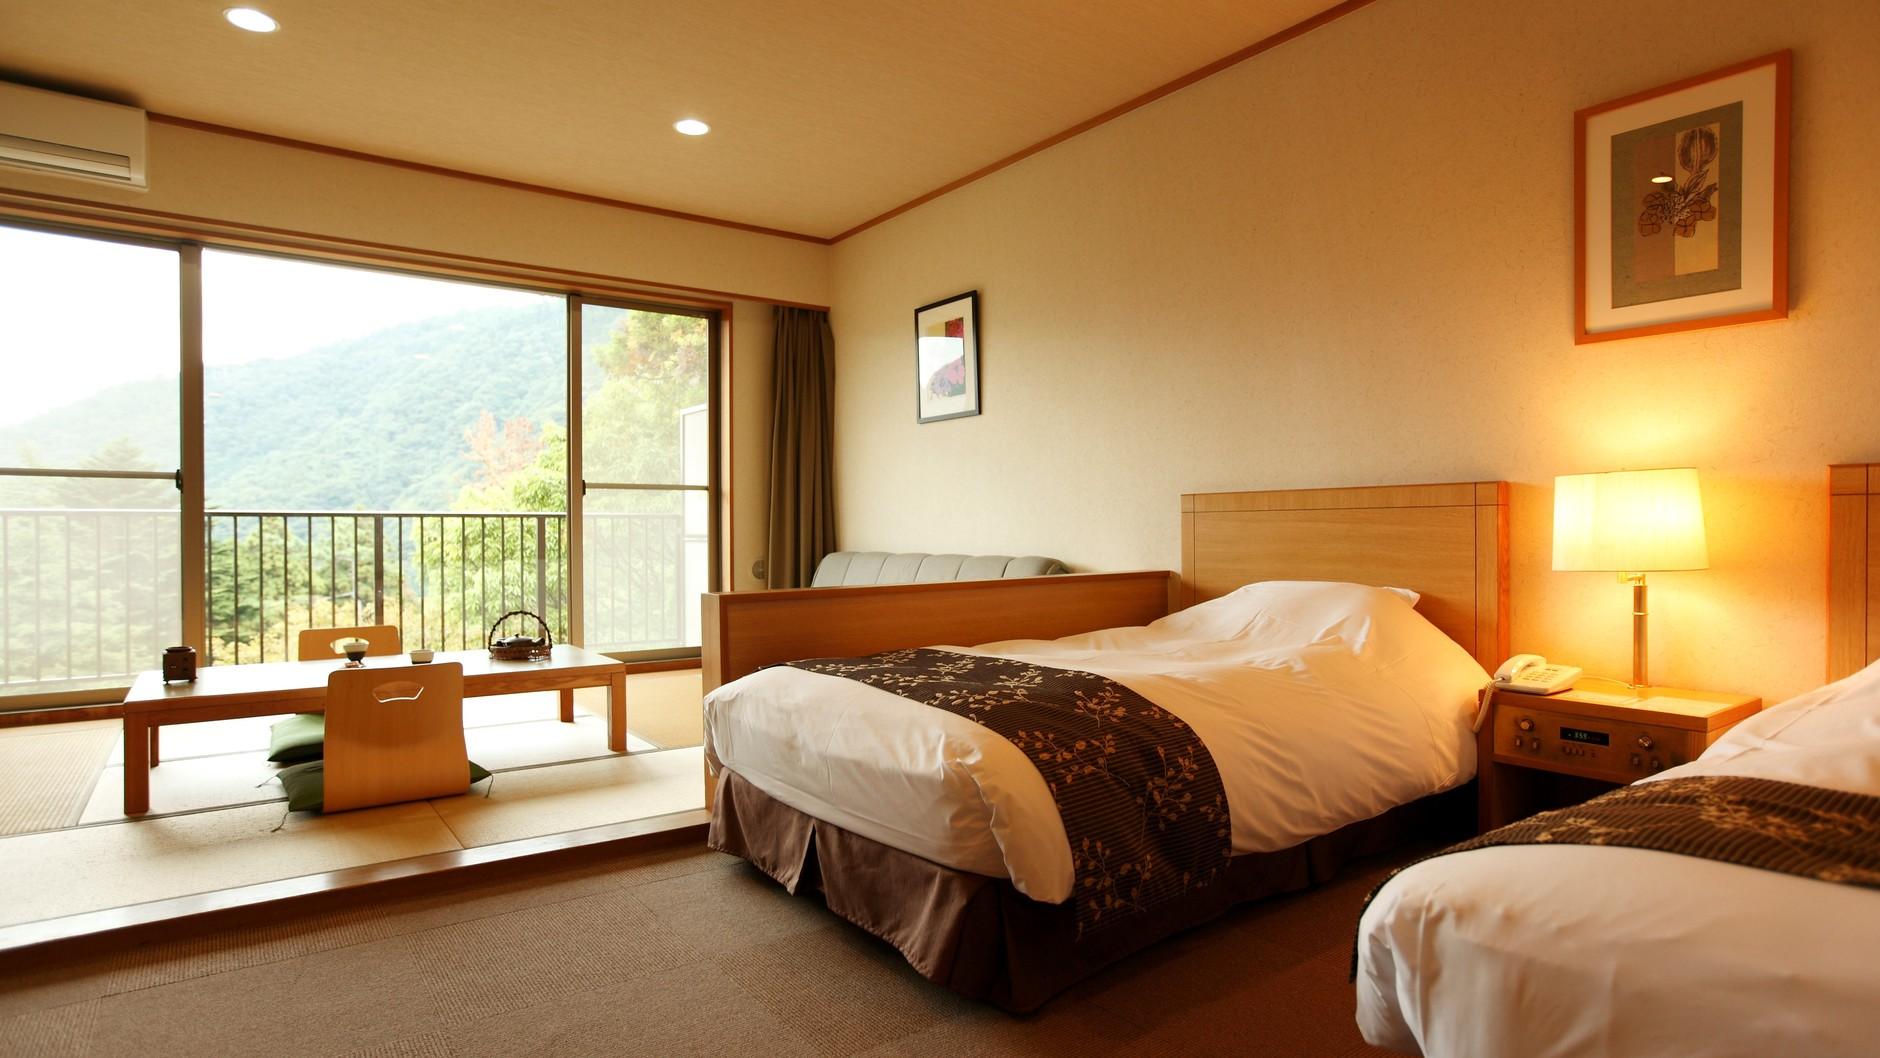 ベッド2台と畳スペースがあり、カップル、ご夫婦には広々と、ファミリーやグループにもおすすめの客室。